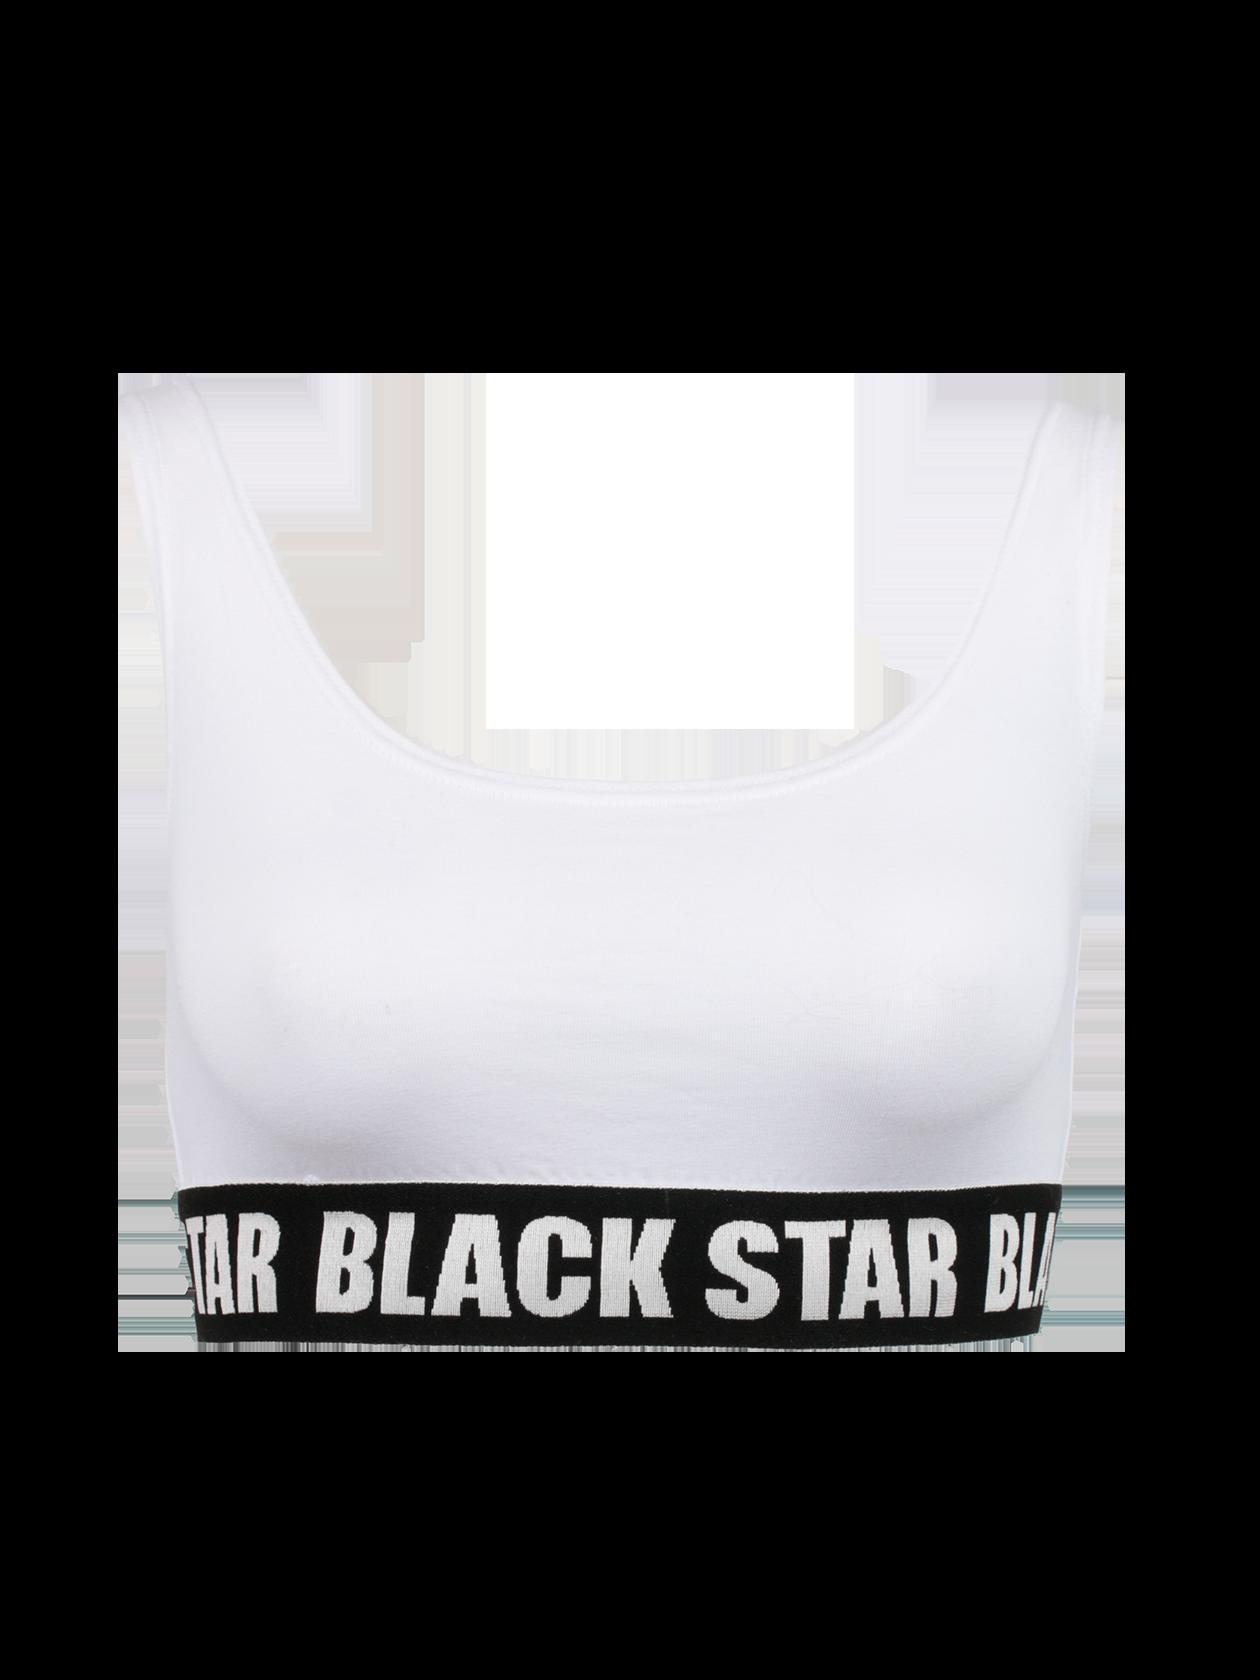 Топ женский ORIGINAL BSТоп женский Original BS – неотъемлемый элемент повседневного гардероба. Модель классической укороченной формы с облегающим силуэтом. Горловина с глубоким вырезом на спине и спереди. Нижний край топа дополнен фиксирующей черной резинкой с белой надписью Black Star. Изделие отличается высокой практичностью, выдерживает многочисленные стирки и не теряет привлекательный вид. Идеальное решение для отдыха, спорта и дома. В наличии четыре цвета – белый, серый, красный и черный.<br><br>Размер: M<br>Цвет: Белый<br>Пол: Женский